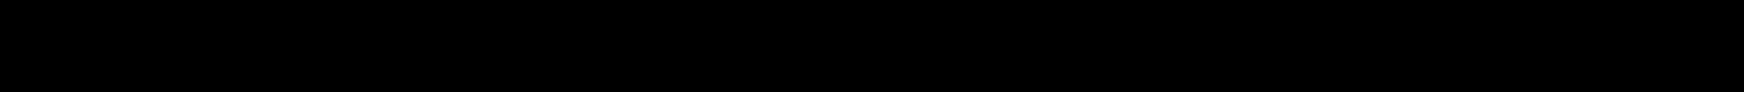 DINOffcPro-Light.ttf